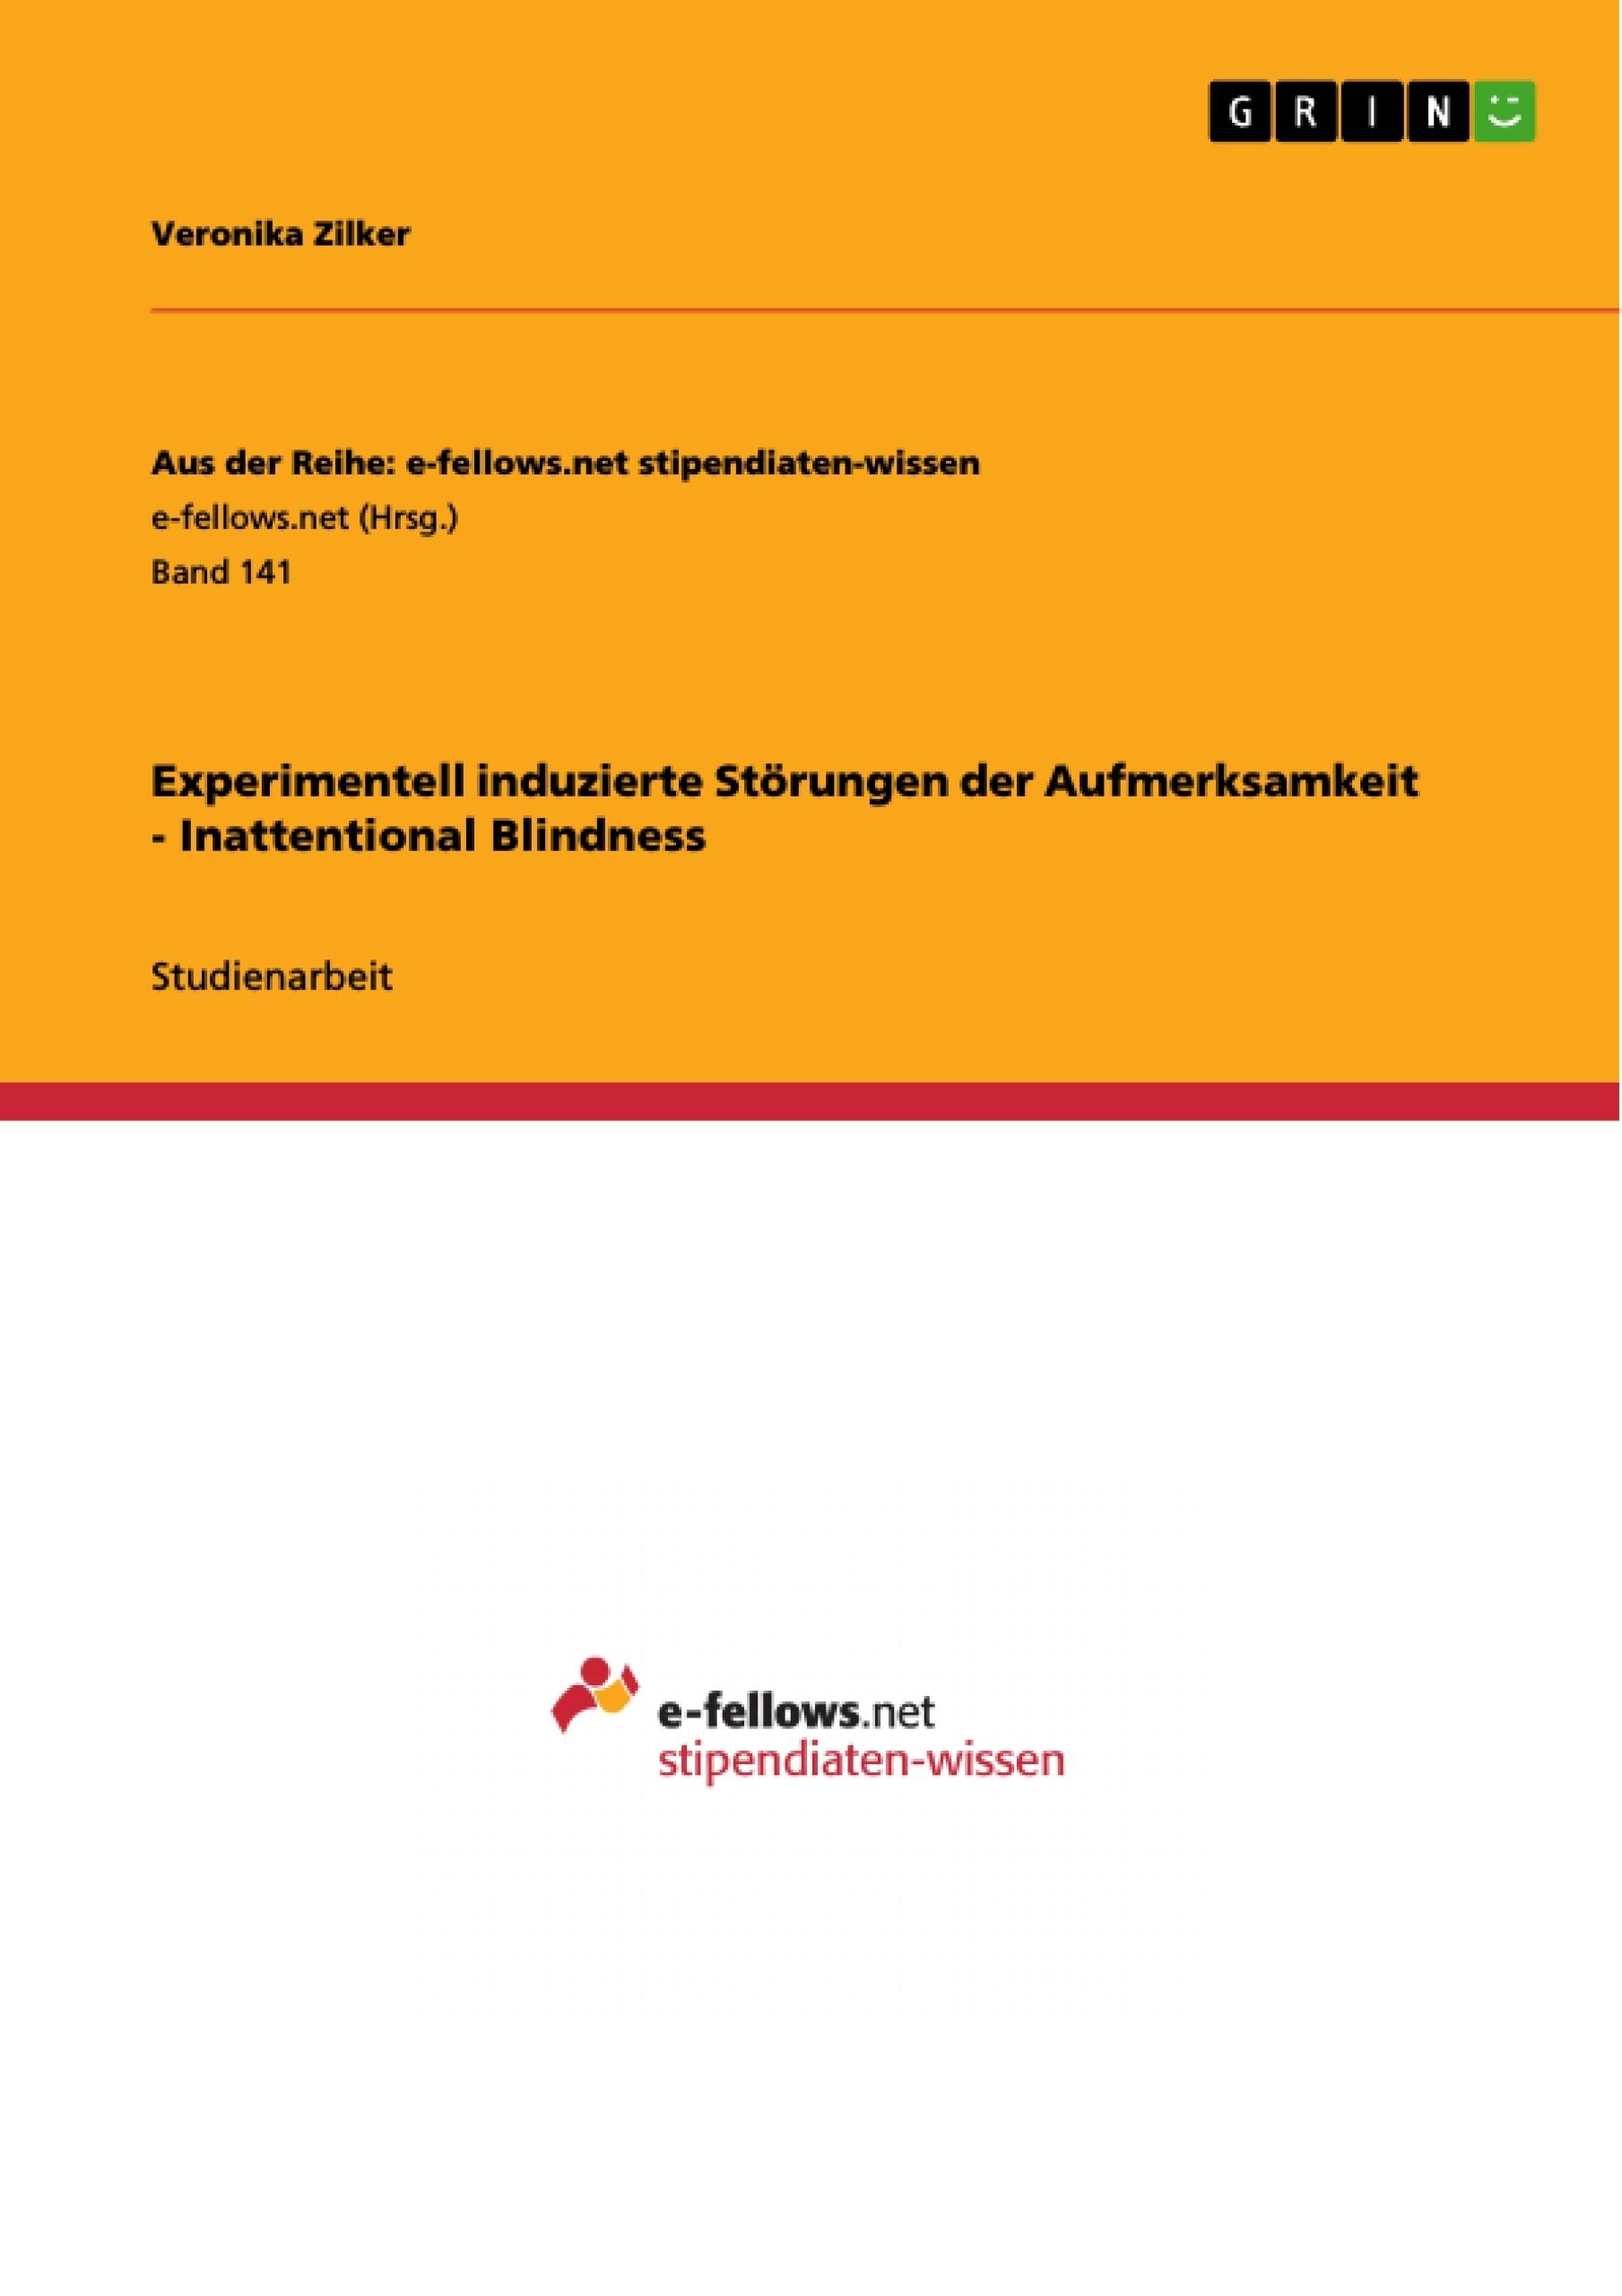 Titel: Experimentell induzierte Störungen der Aufmerksamkeit - Inattentional Blindness